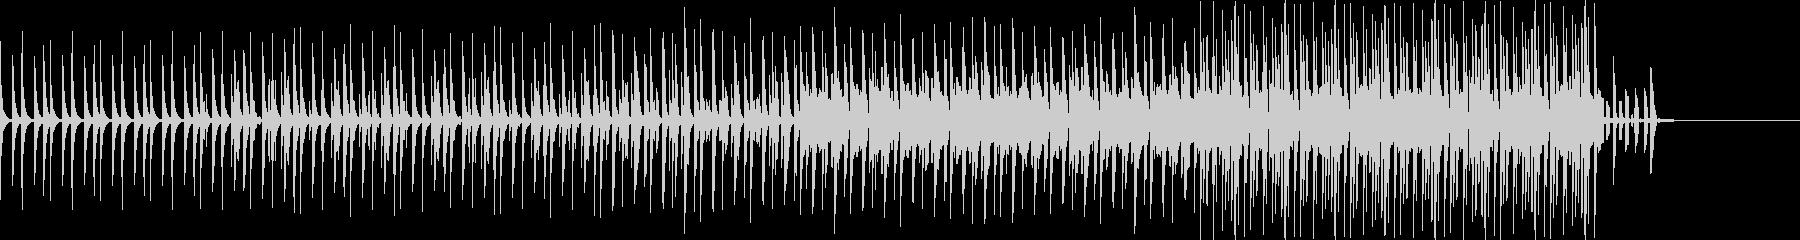 ミドルテンポバージョンの未再生の波形